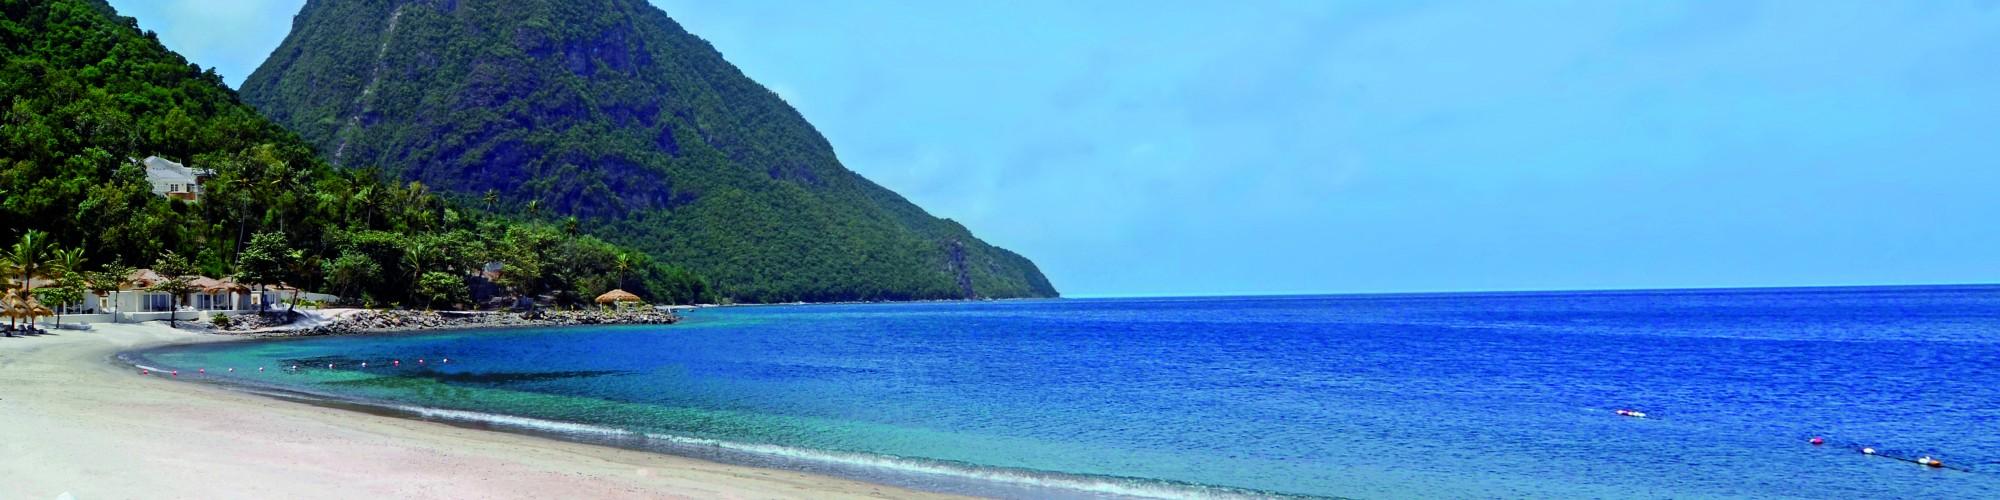 Jalousie Plantation, St Lucian (vw)